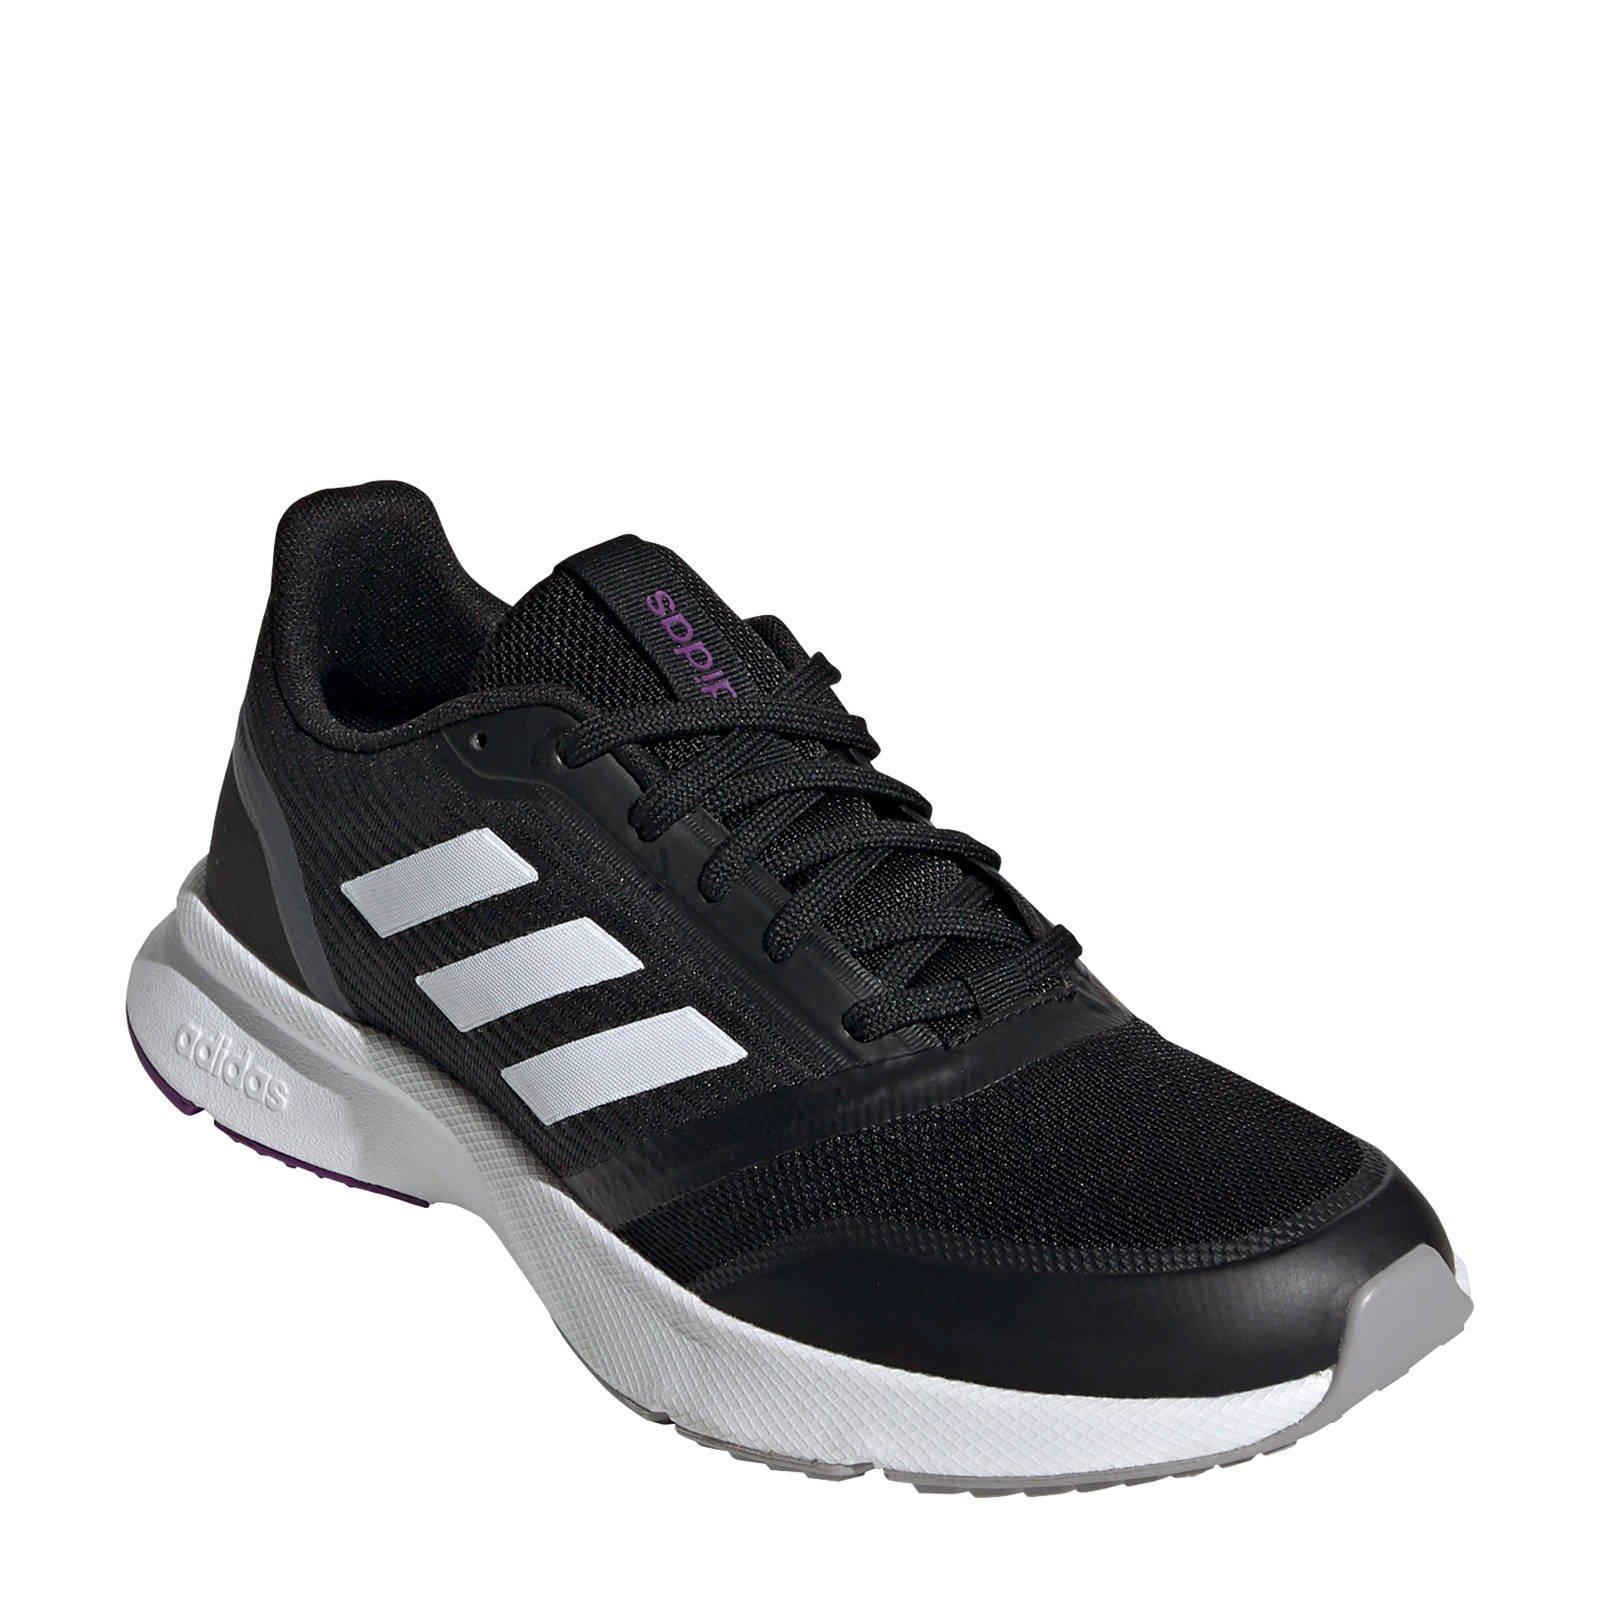 adidas Performance Nova Flow hardloopschoenen zwart/wit ...